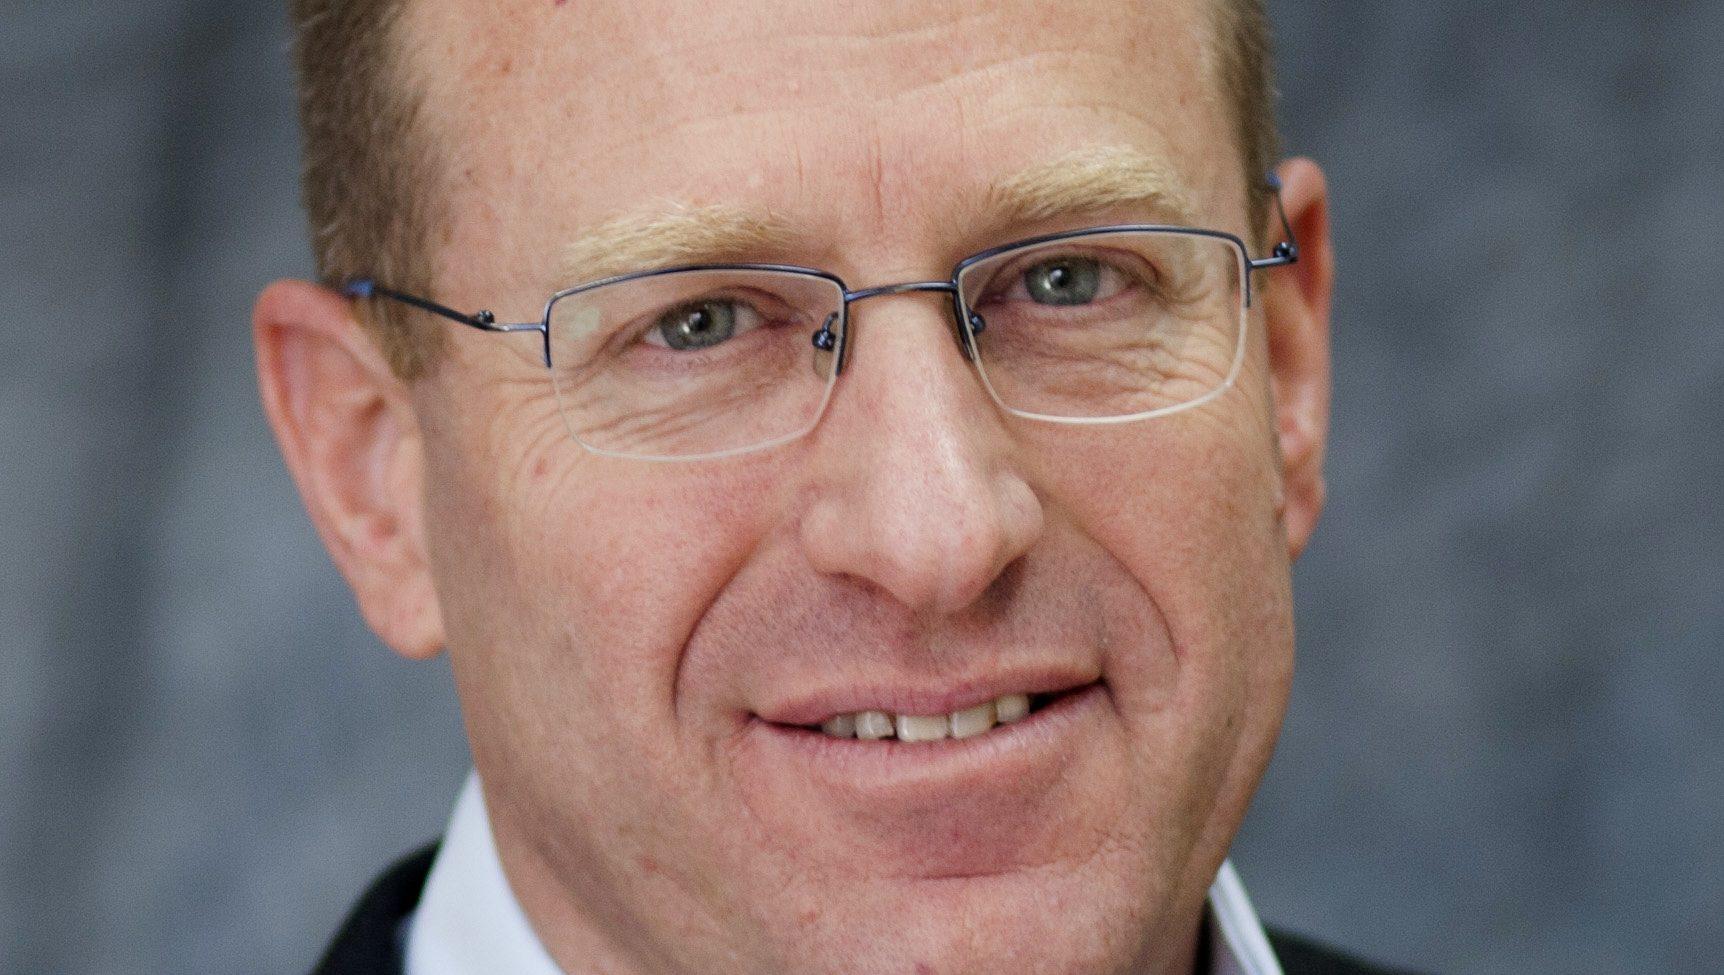 """הבחירות בלשכת המתכננים הפיננסיים: ברק אצילי יתמודד לכהונה נוספת כיו""""ר נגד יוסי ברונהיים"""